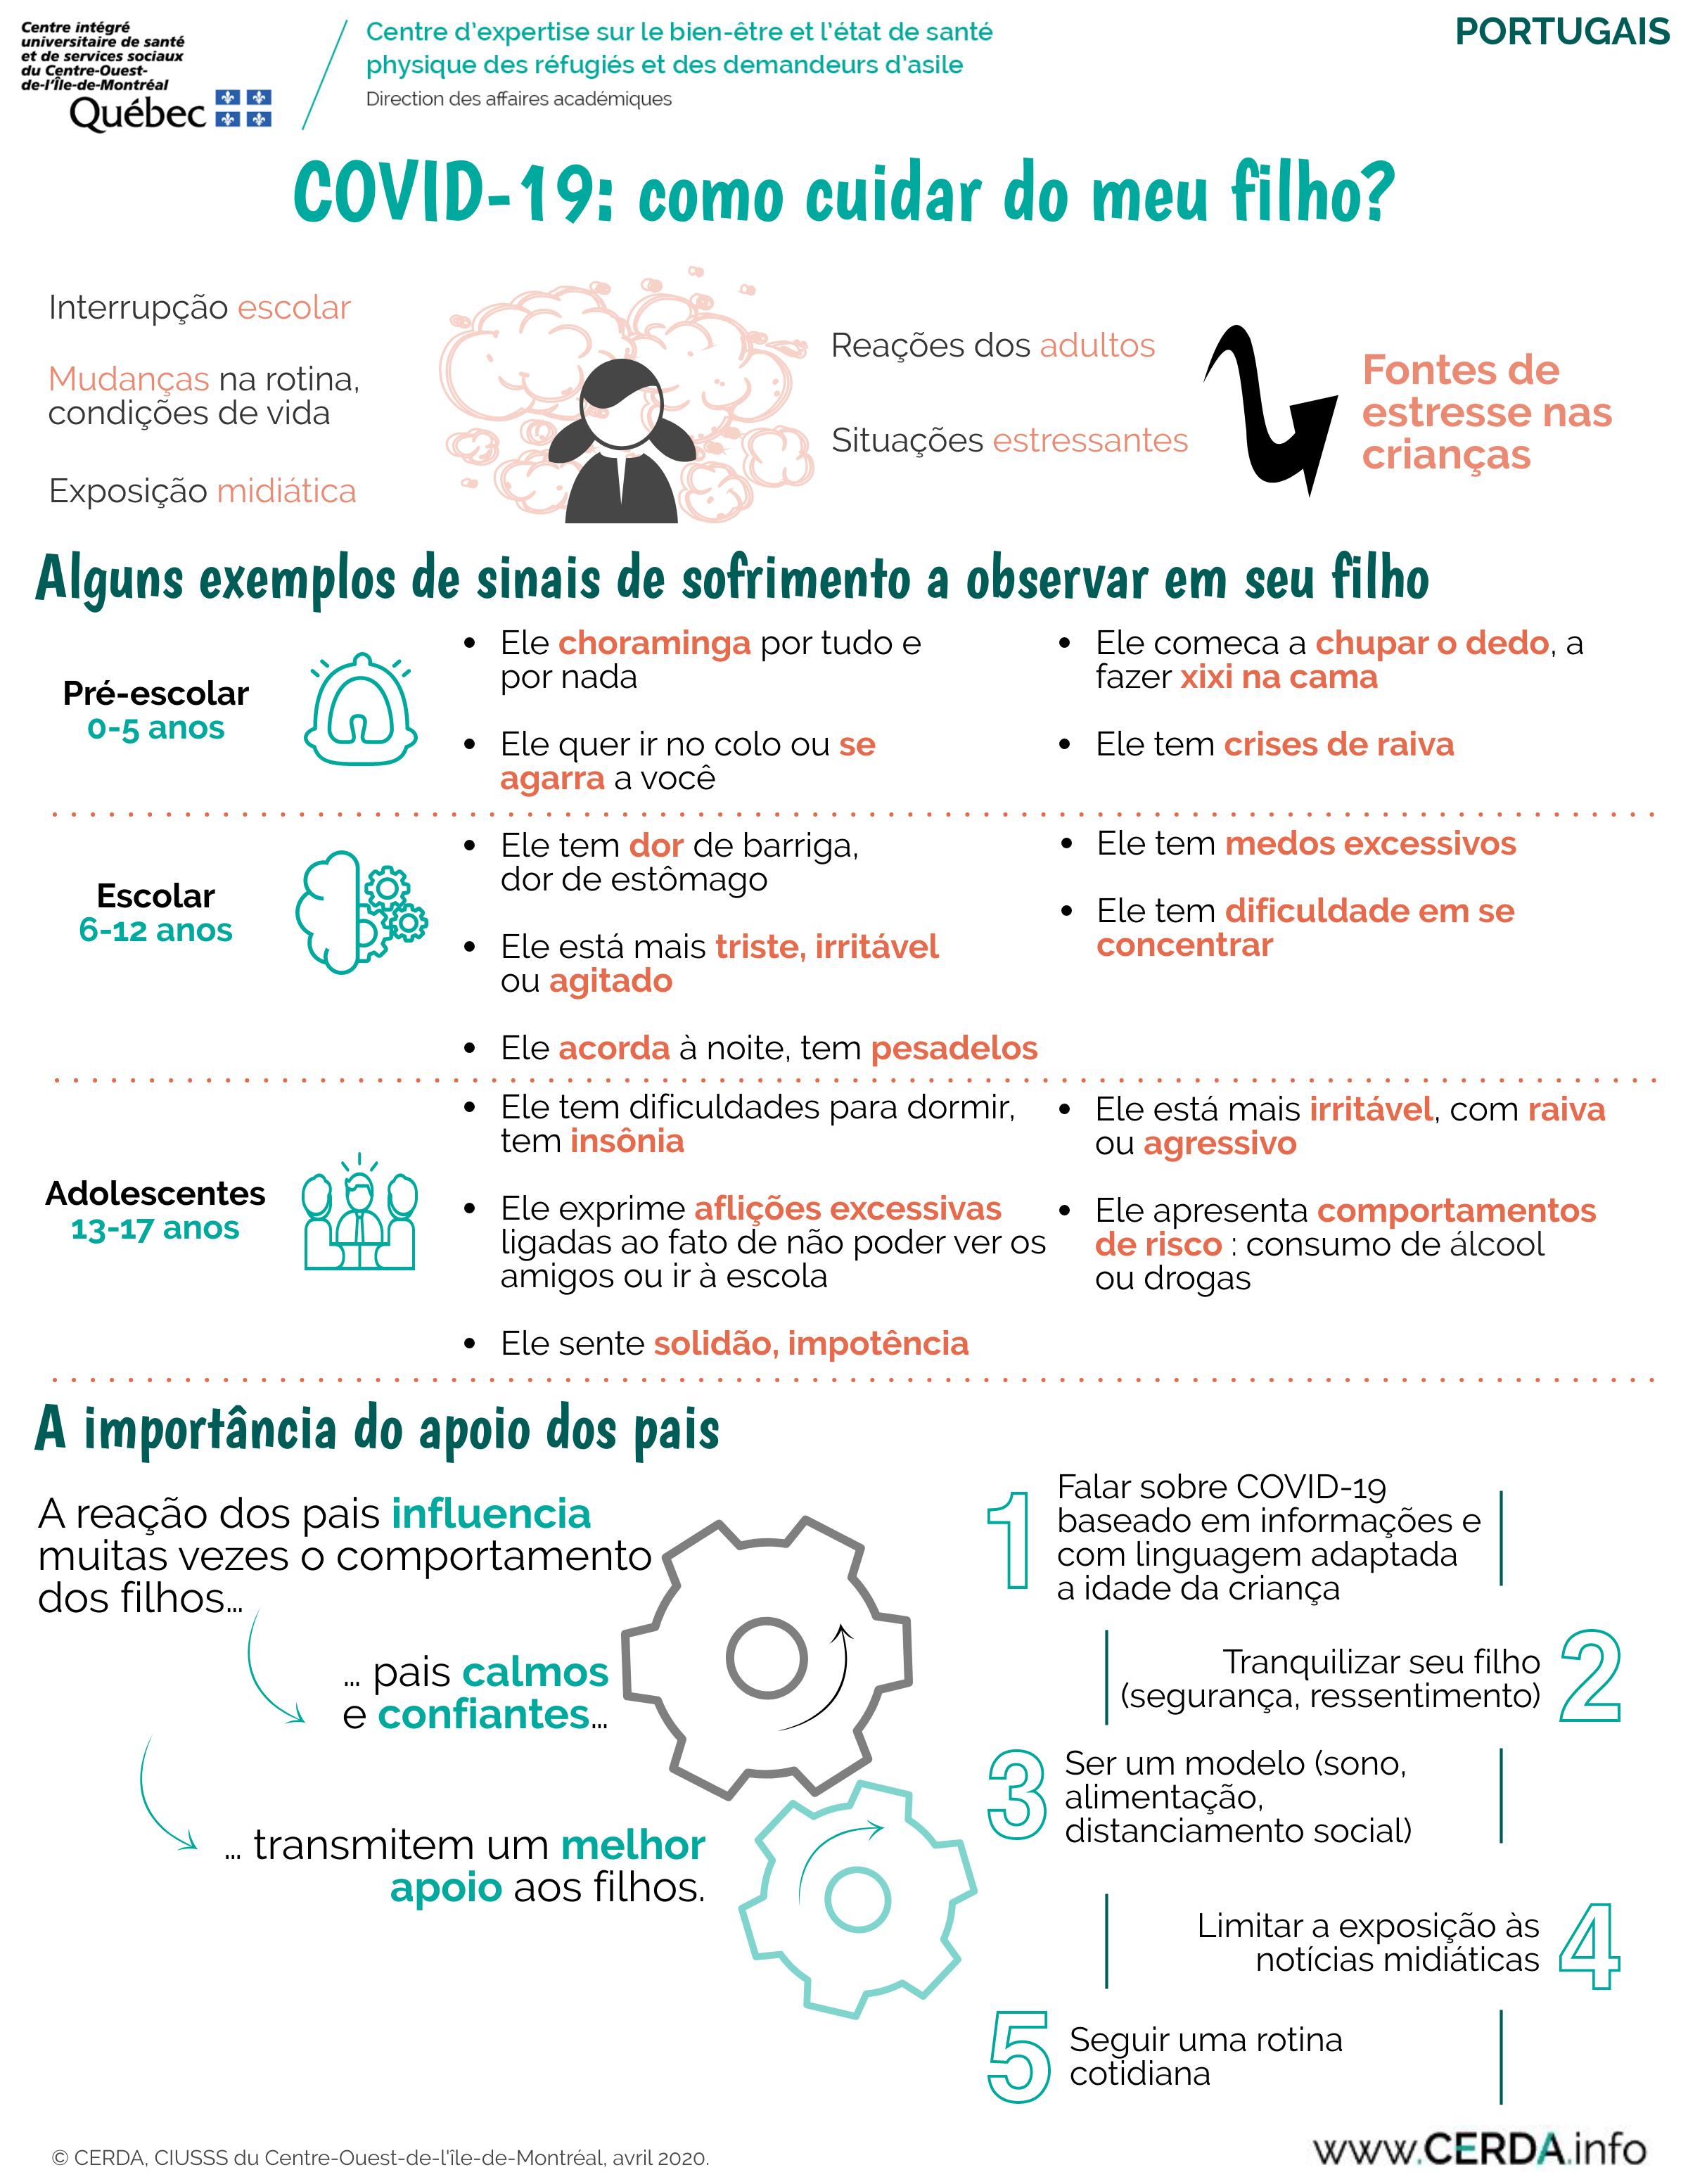 INFO - COVID-19: comment prendre soin de mon enfant - Portugais